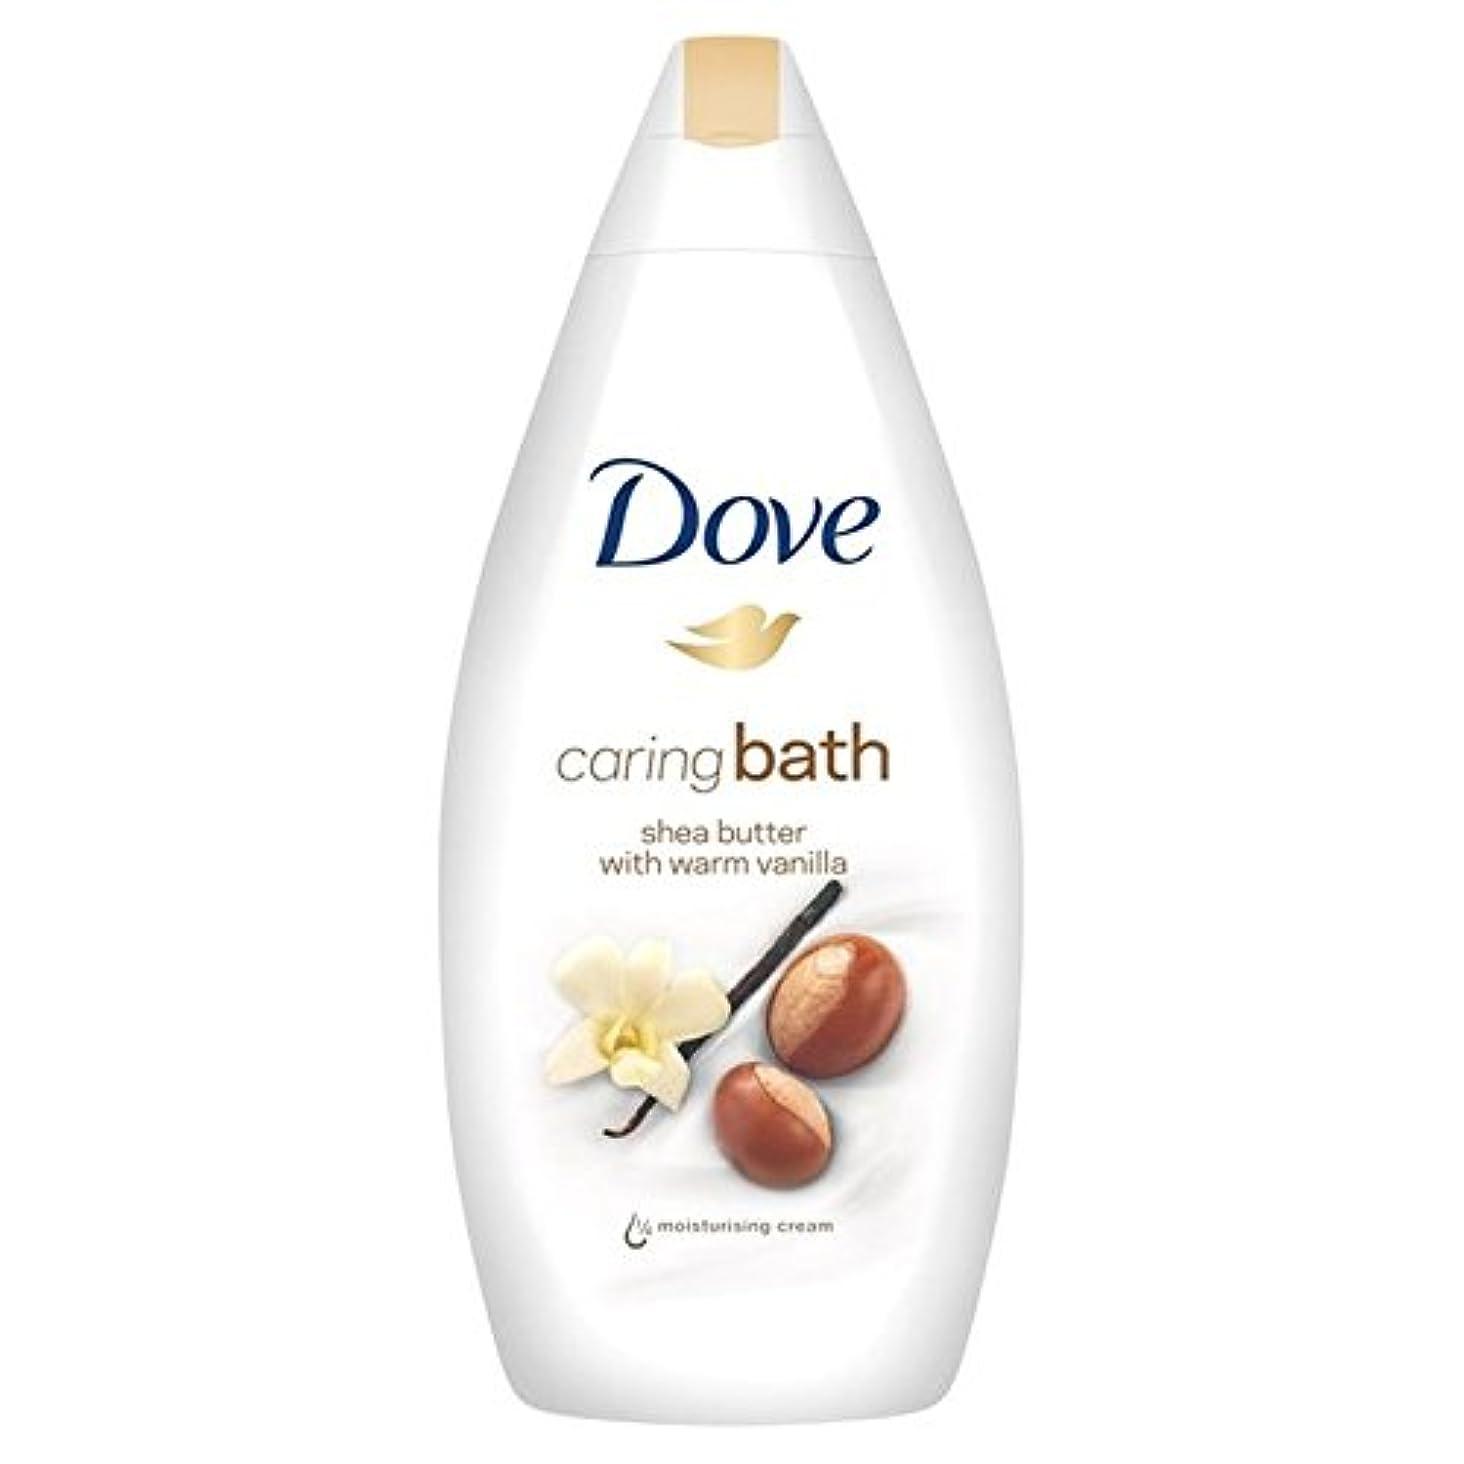 アクチュエータ授業料子供っぽいDove Purely Pampering Shea Butter Caring Cream Bath 500ml (Pack of 6) - 鳩純粋な贅沢シアバター思いやりのあるクリームバス500ミリリットル x6 [...